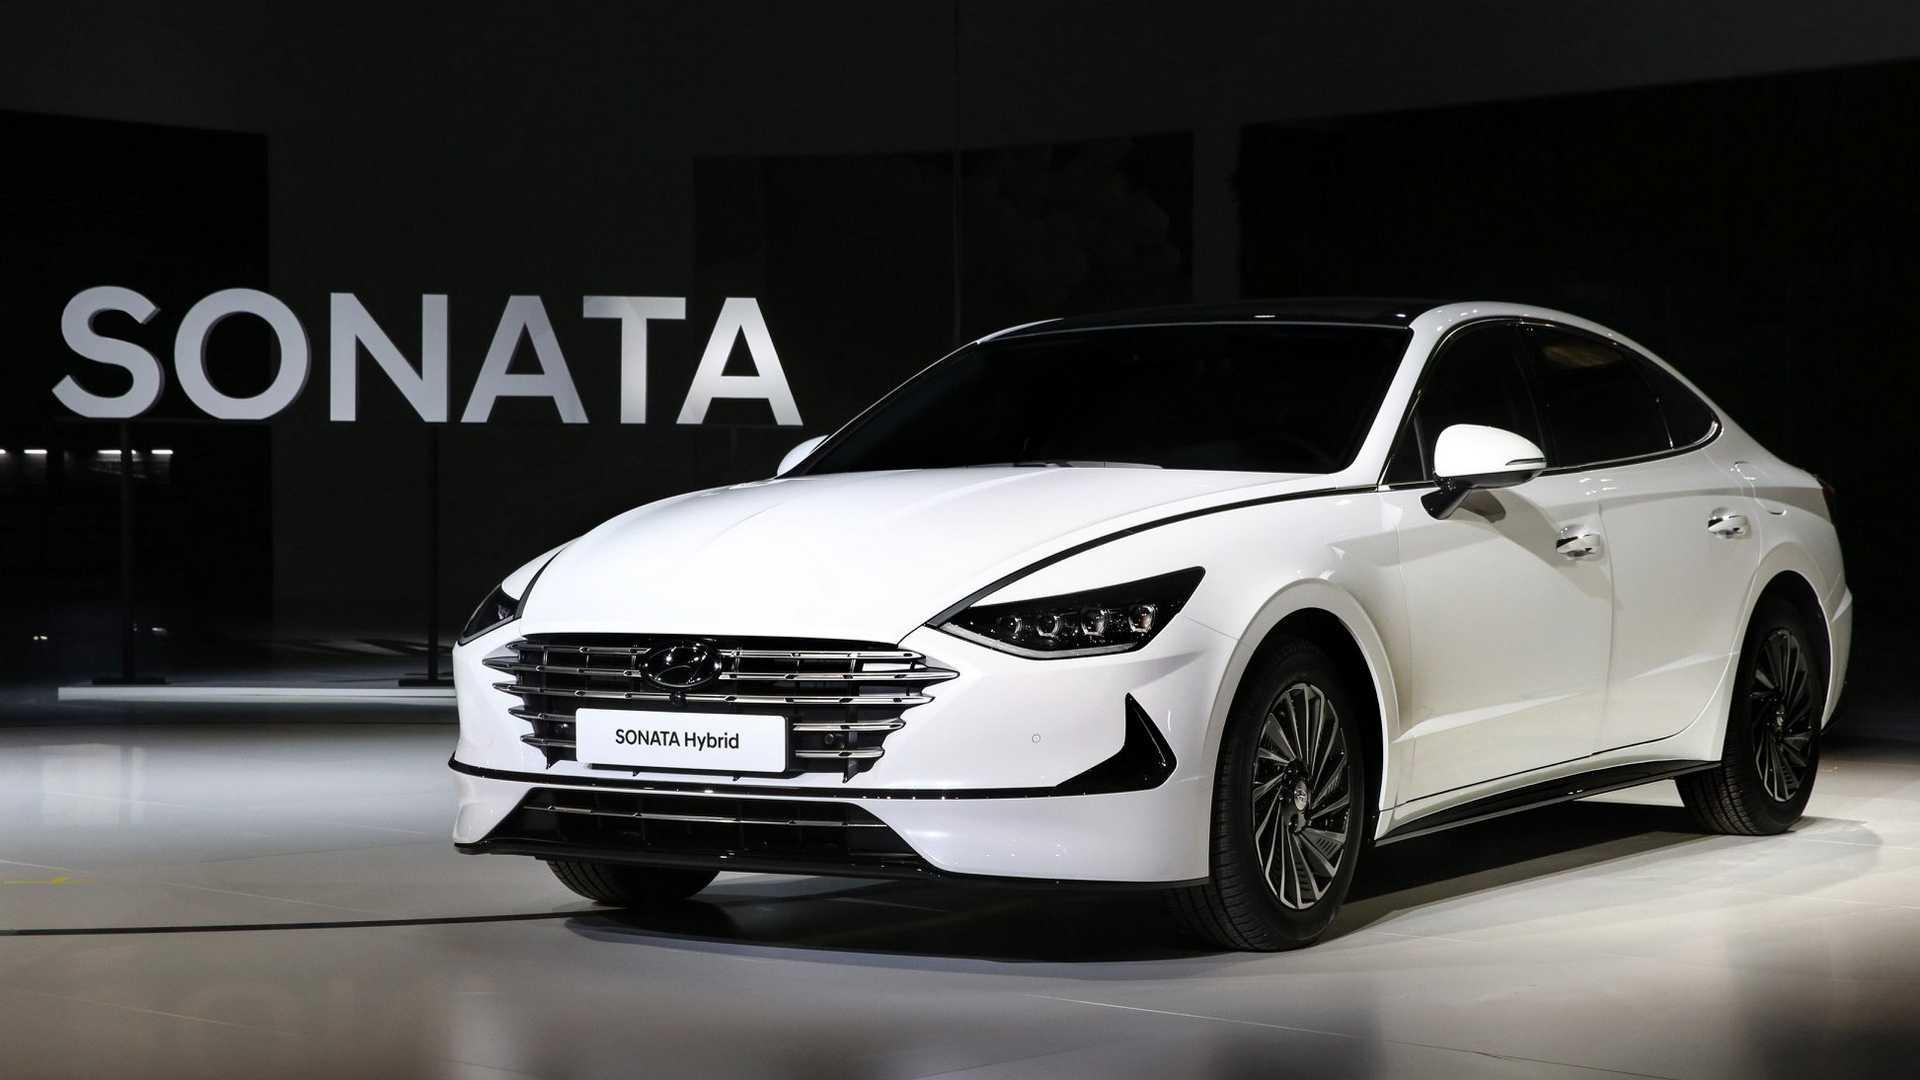 2020-hyundai-sonata-hybrid-2.jpg